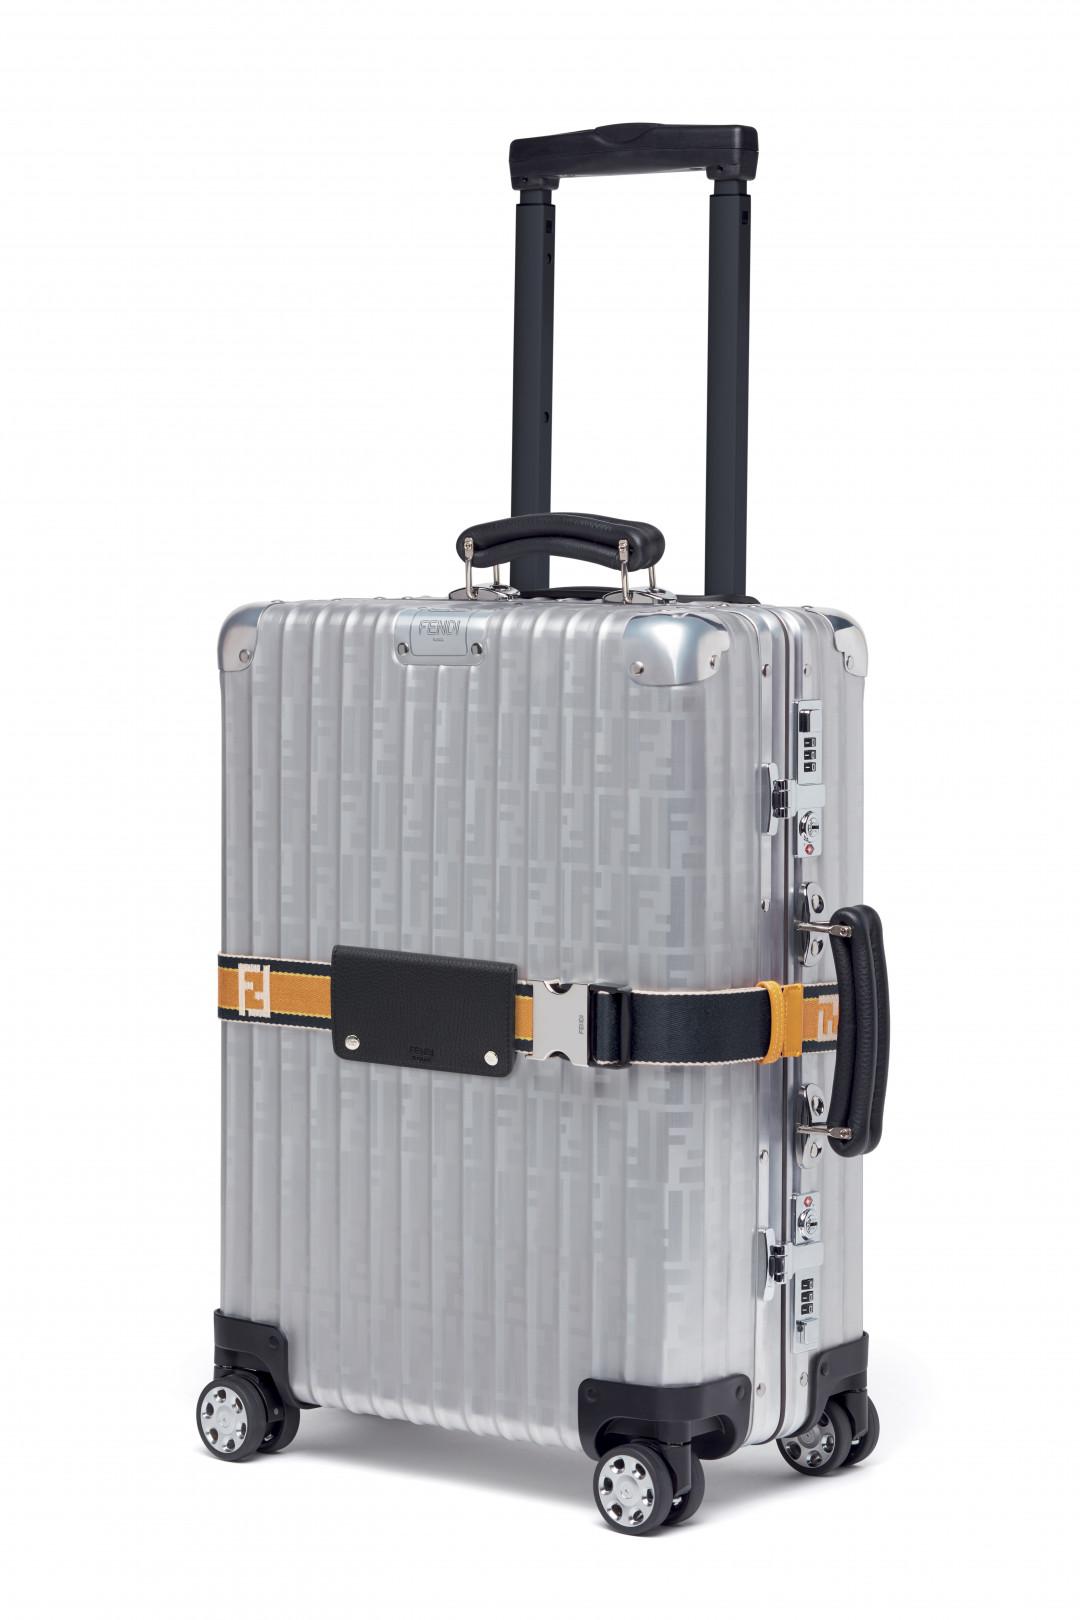 フェンディ×リモワが初コラボ、唯一無二の限定スーツケース登場